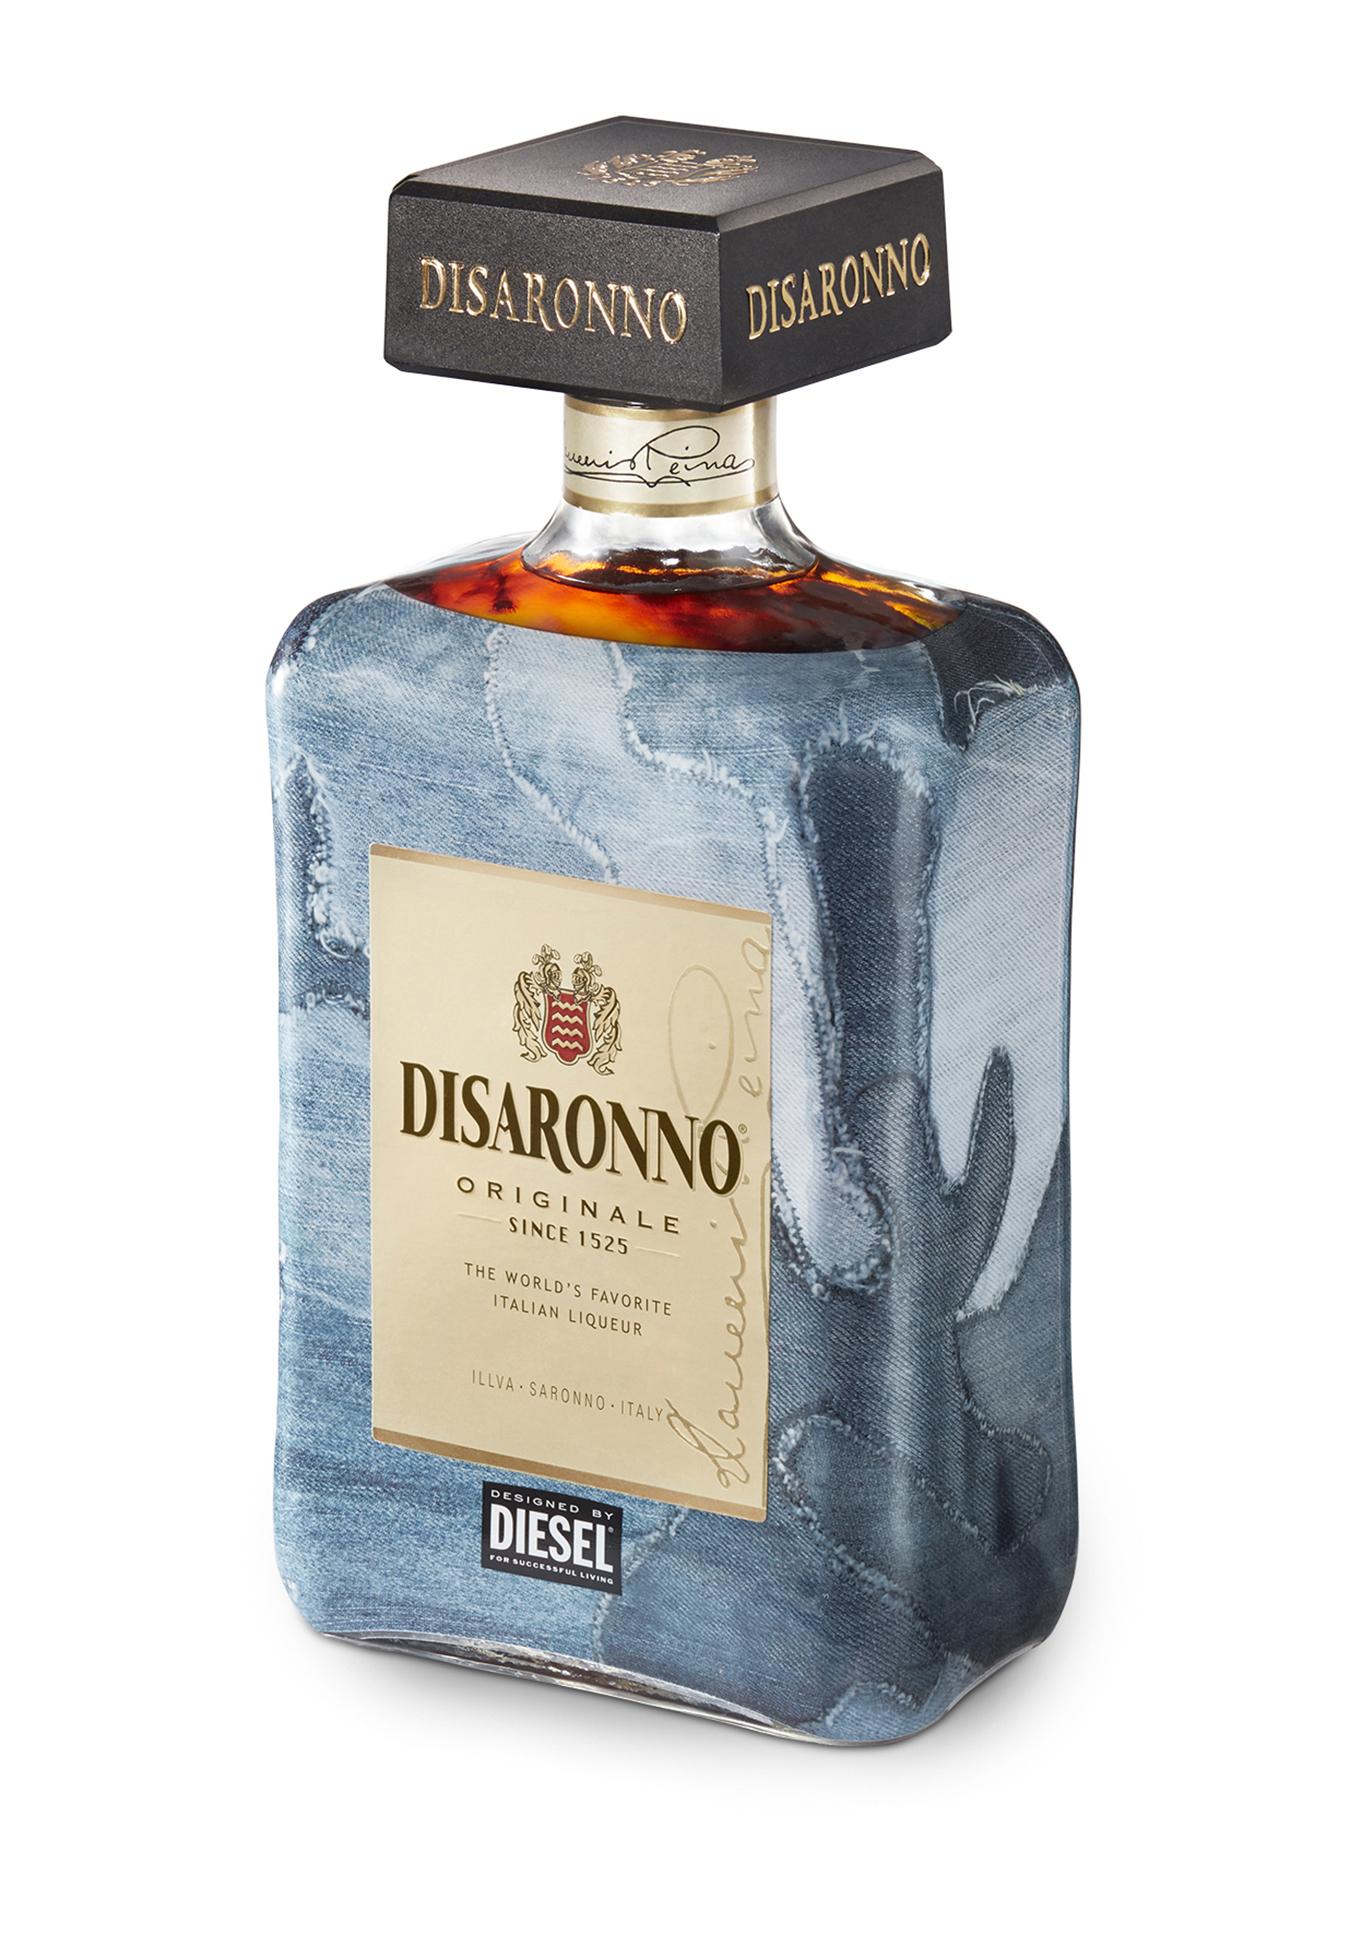 Disaronno-wears-Diesel